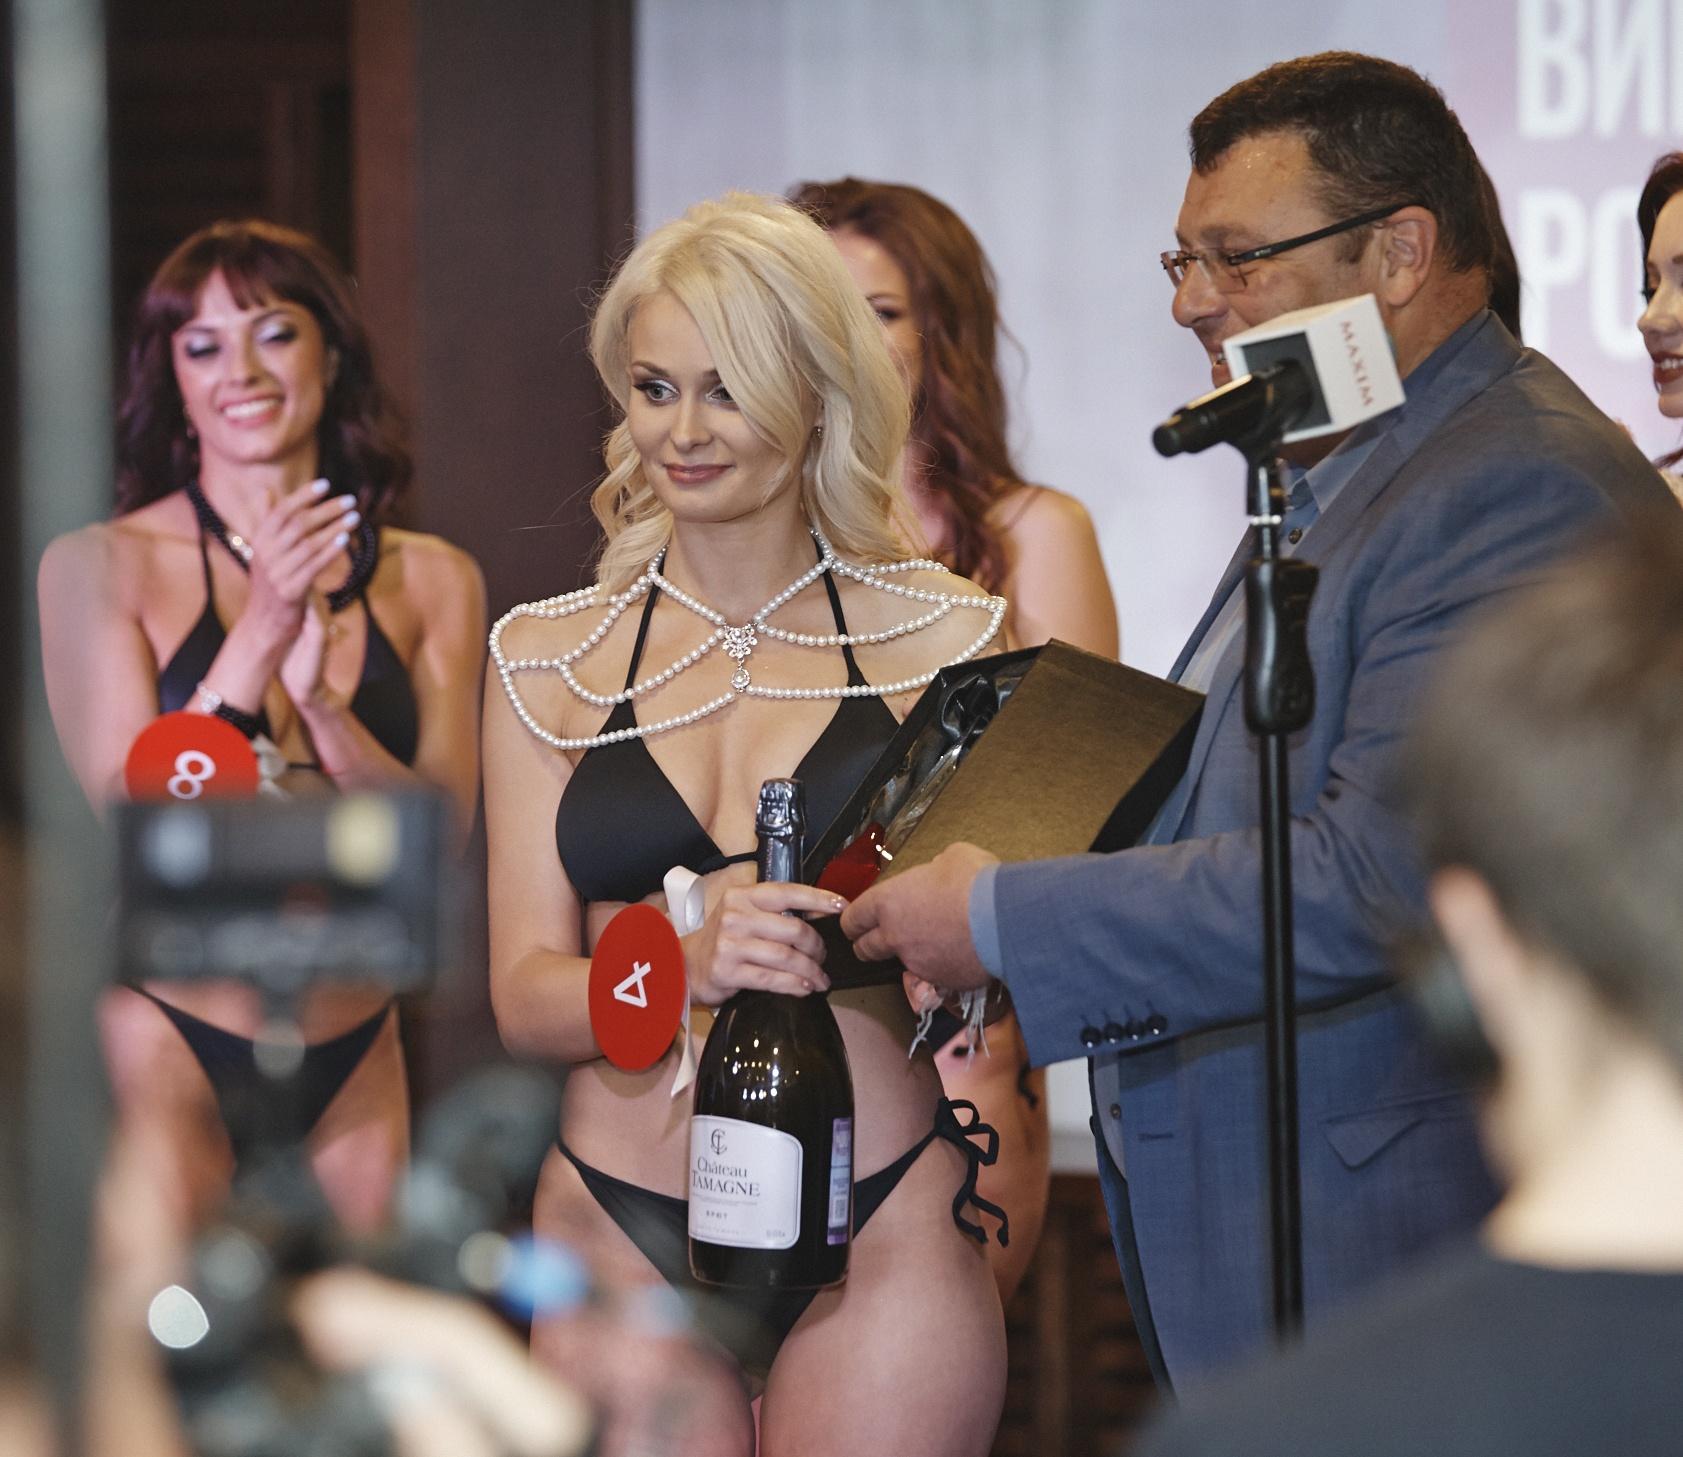 Специальную награду вручили красотке из Владивостока